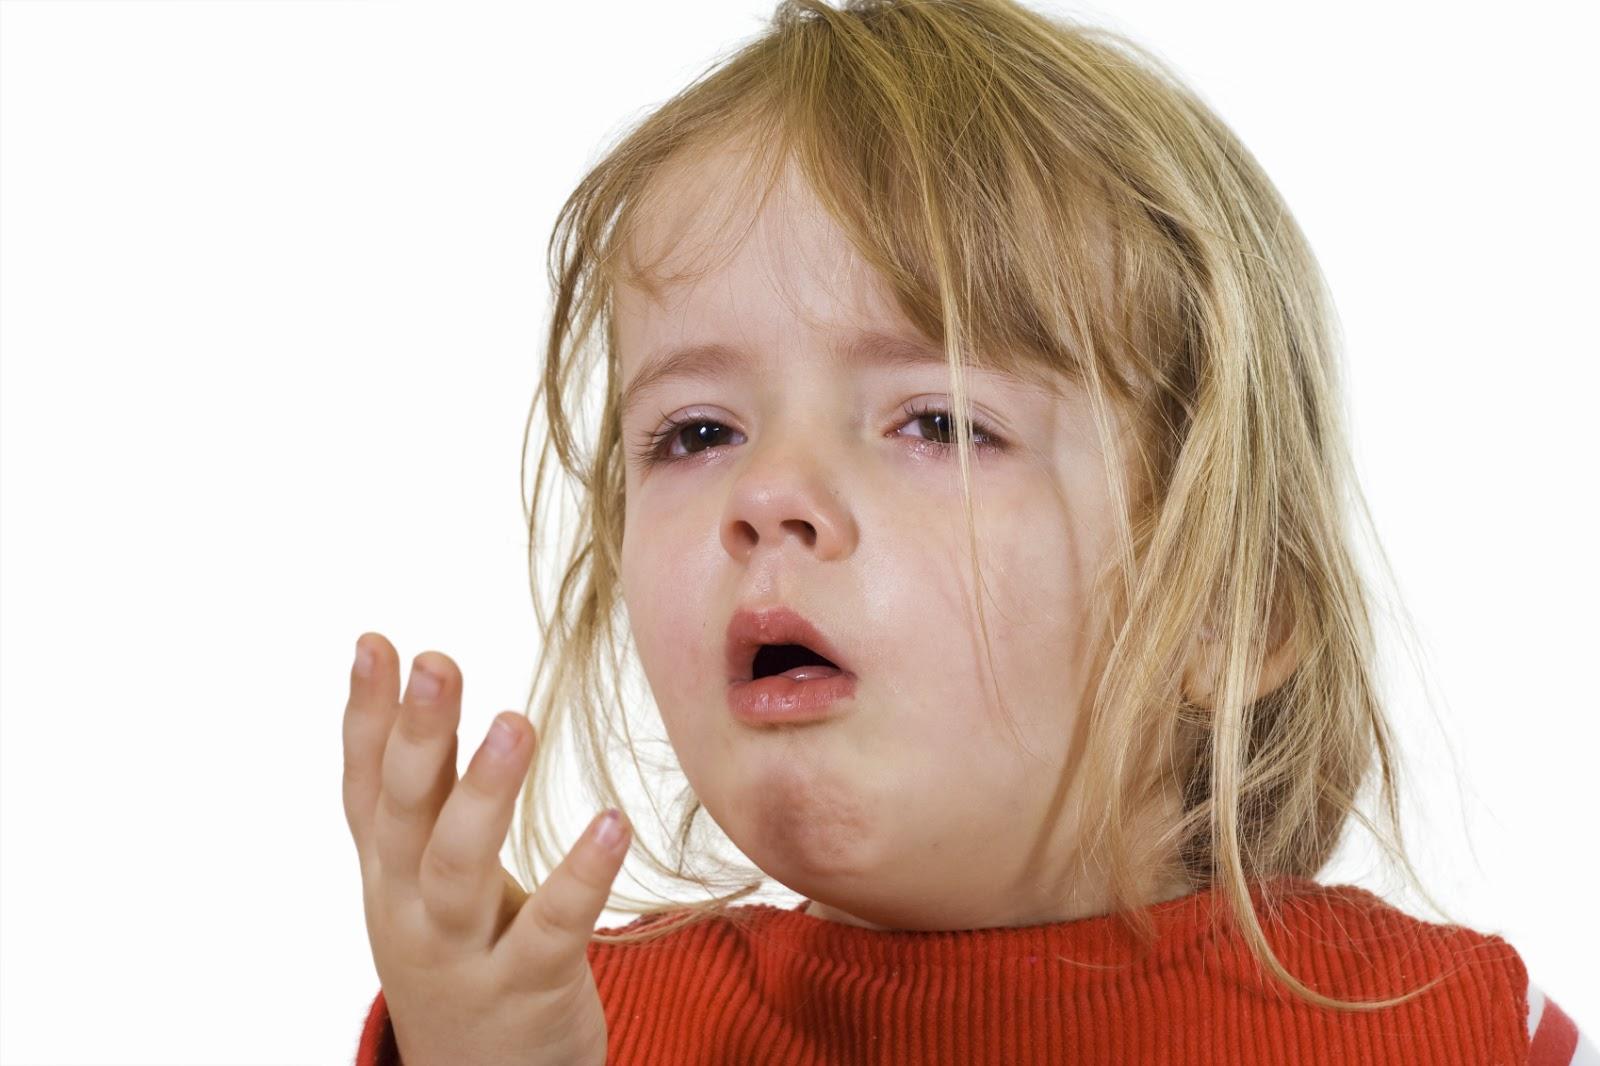 Triệu chứng ho ở trẻ và cách trị ho cho trẻ